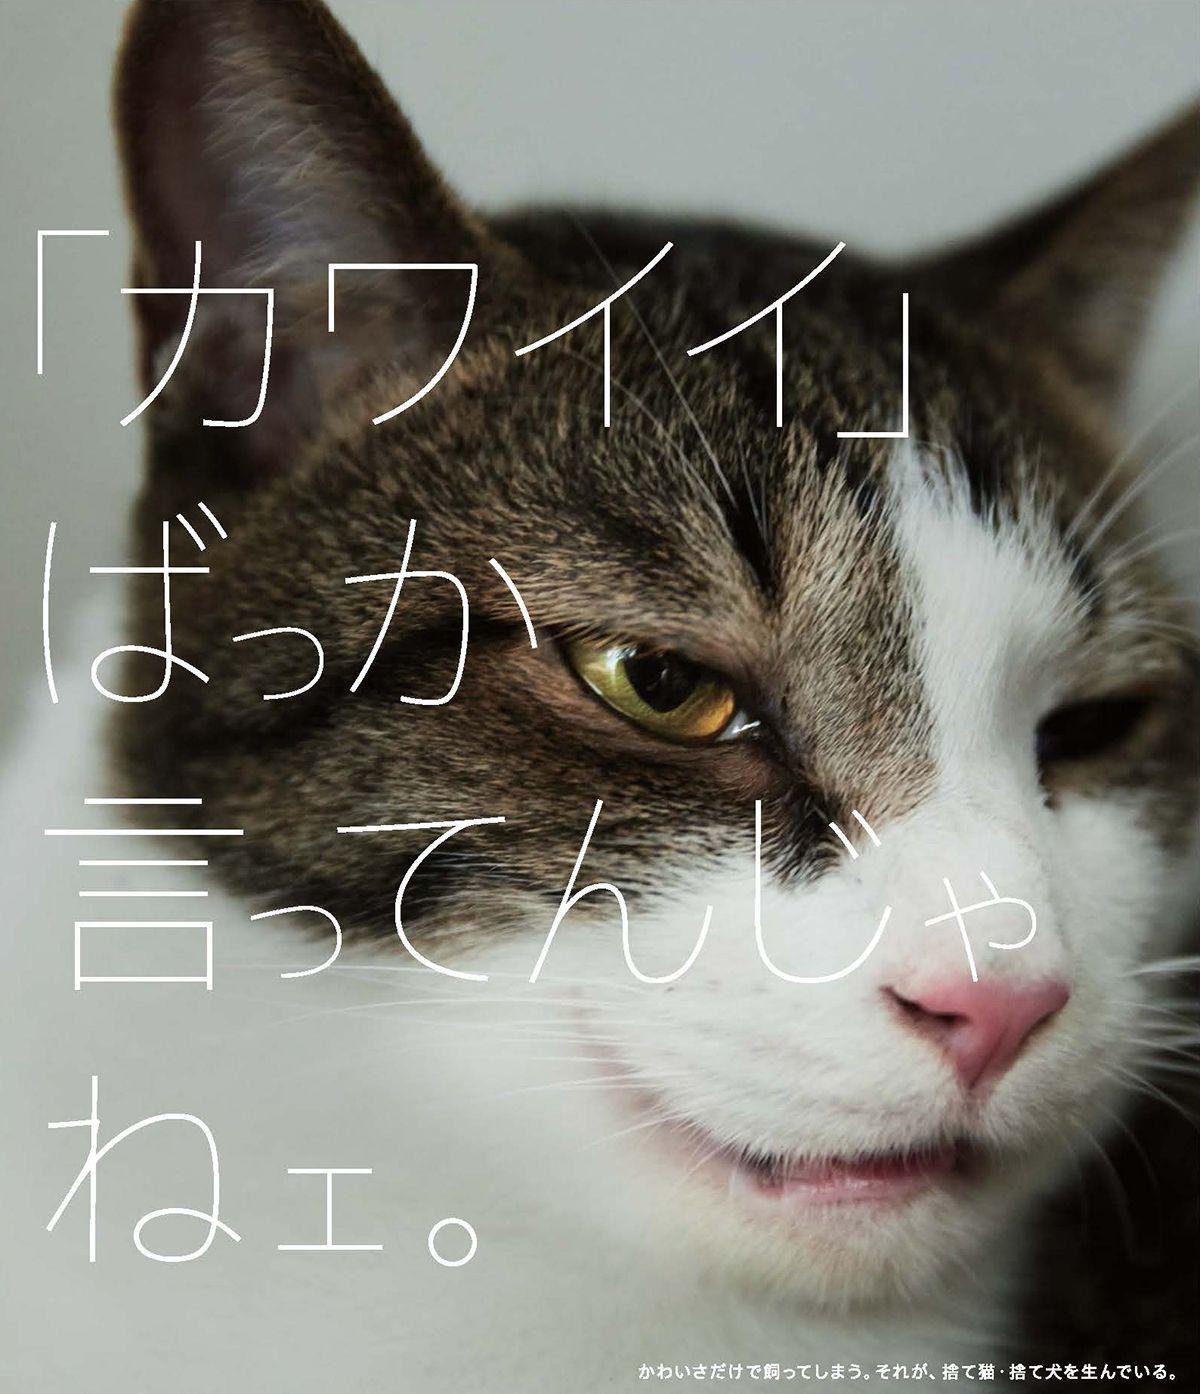 捨て犬 捨て猫問題がテーマ 新聞広告クリエーティブコンテスト 入賞作品発表 宣伝会議 Advertimes アドタイ 日本のグラフィックデザイン 捨て猫 子猫